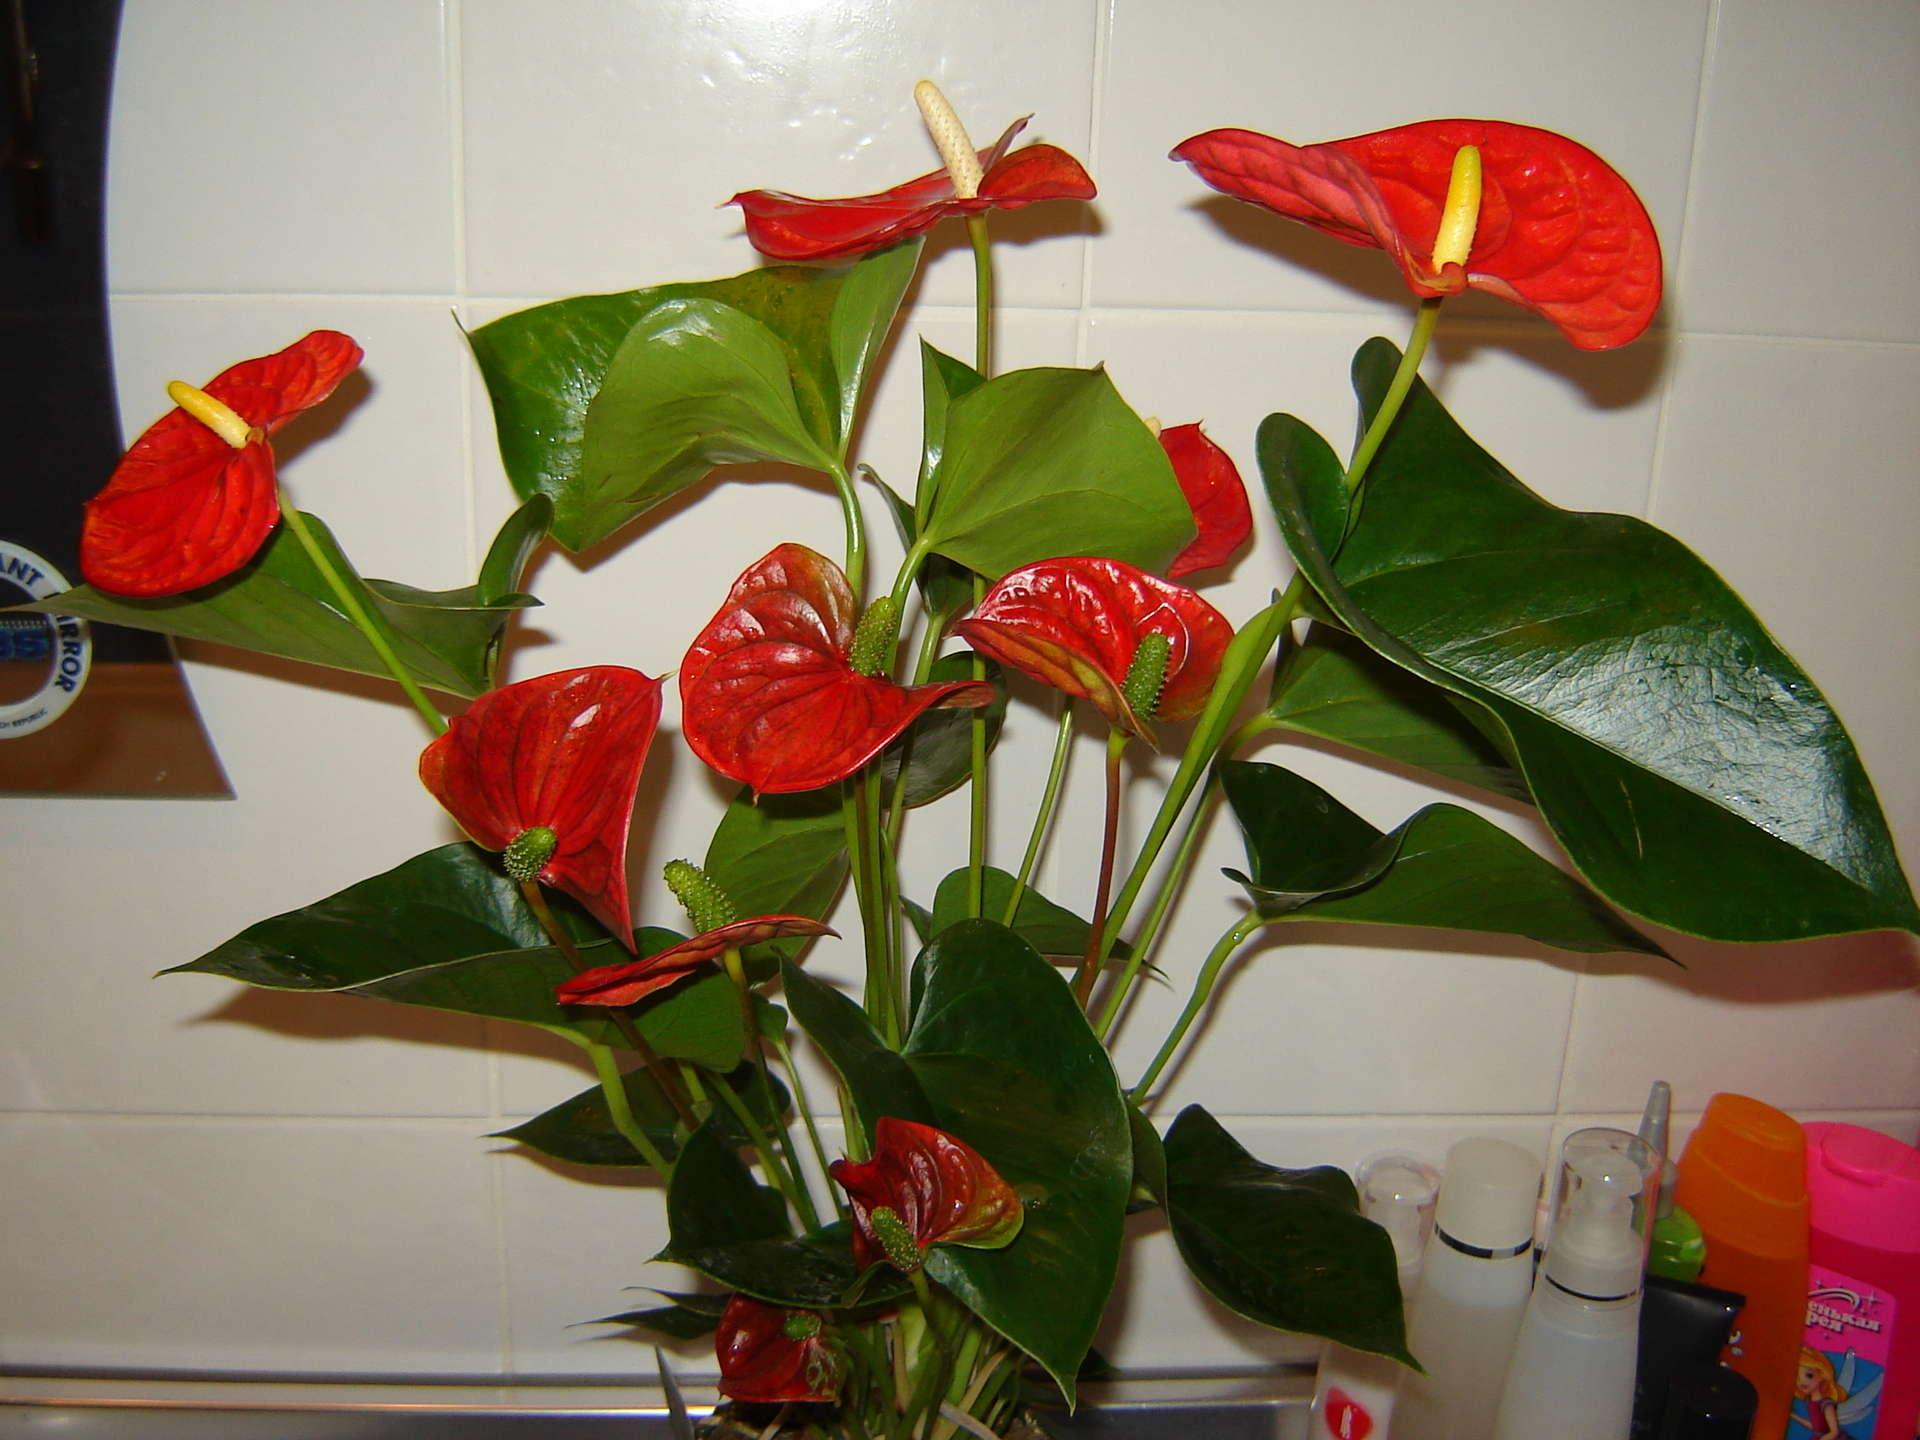 Комнатные цветы - каталог с фотографиями и названиями, виды домашних